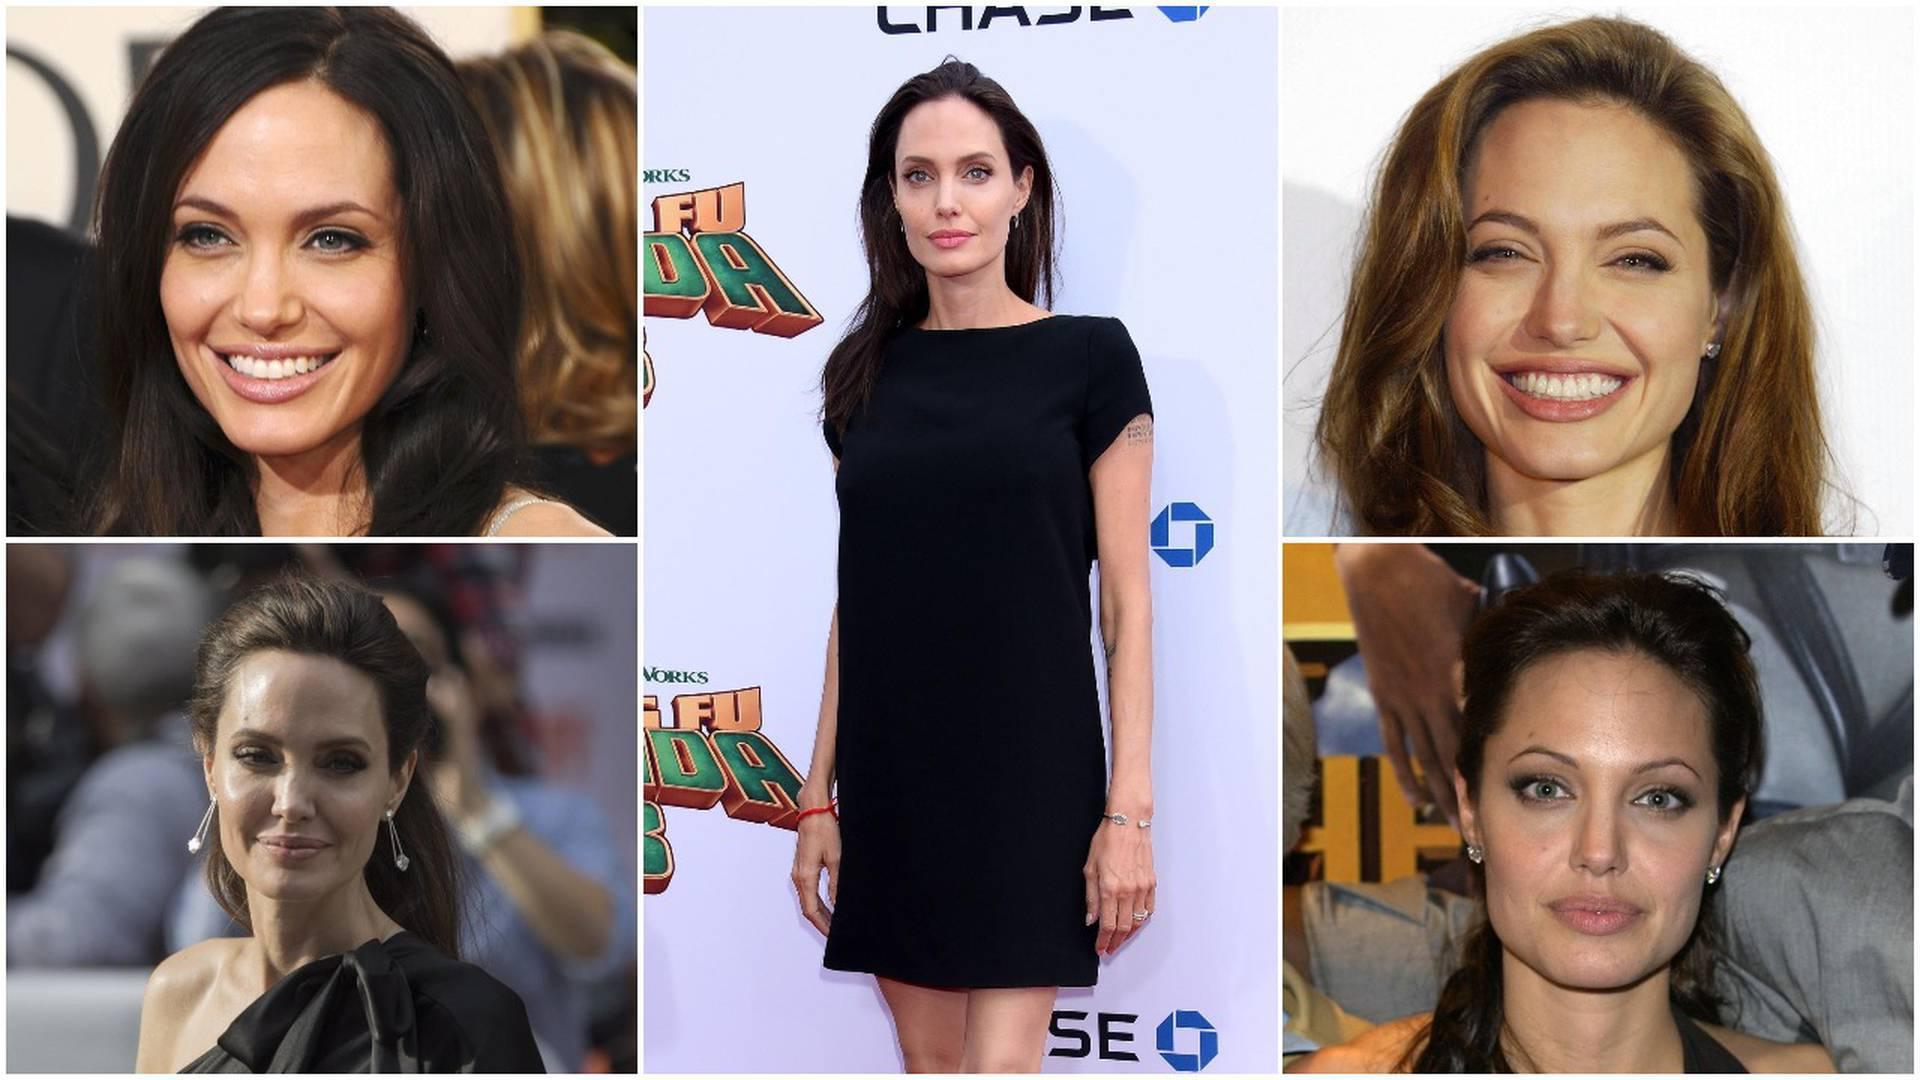 Jolie je htjela biti pogrebnik, a sa 16 godina se osamostalila